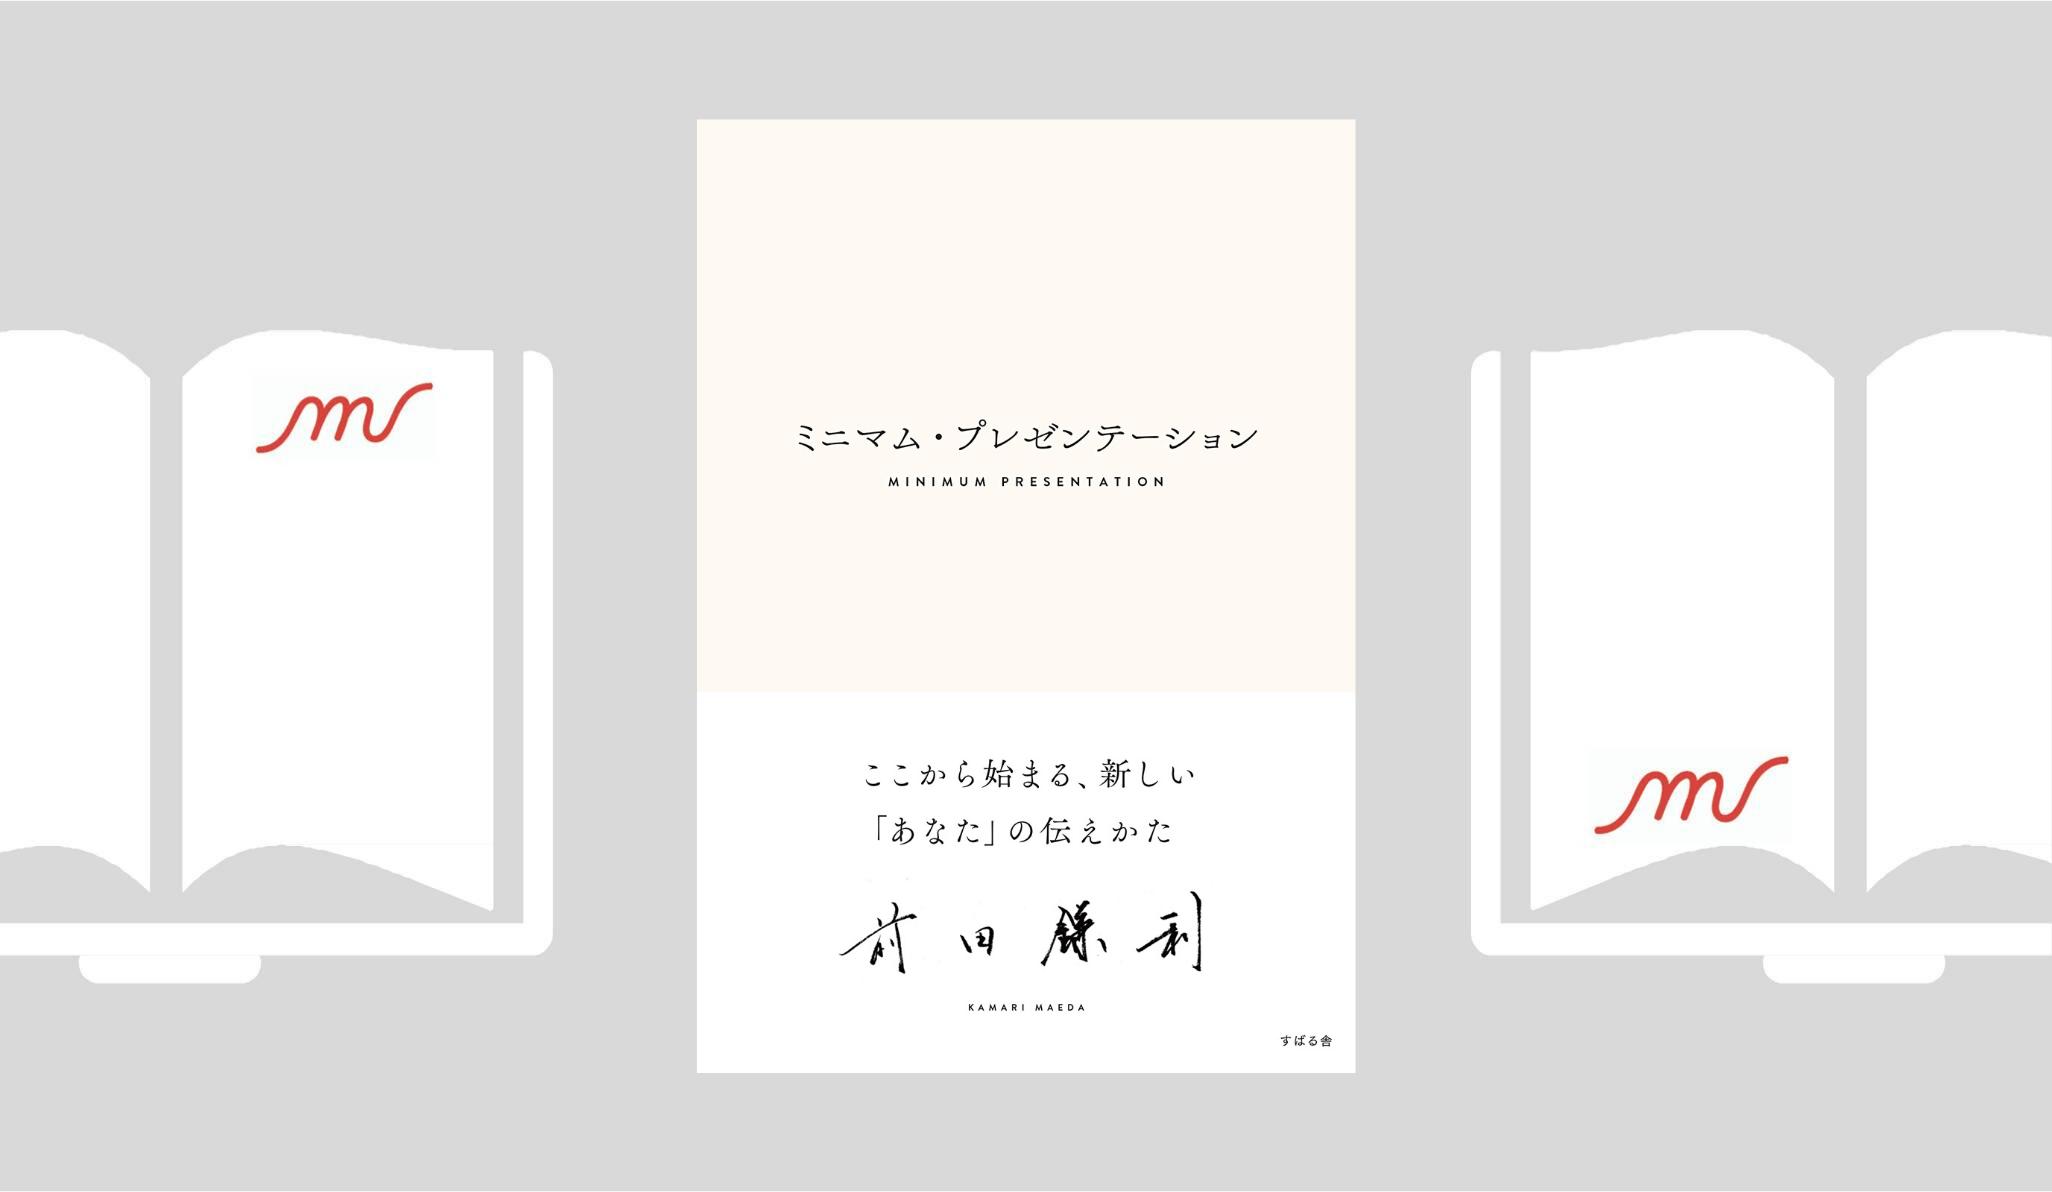 『ミニマム・プレゼンテーション』前田 鎌利